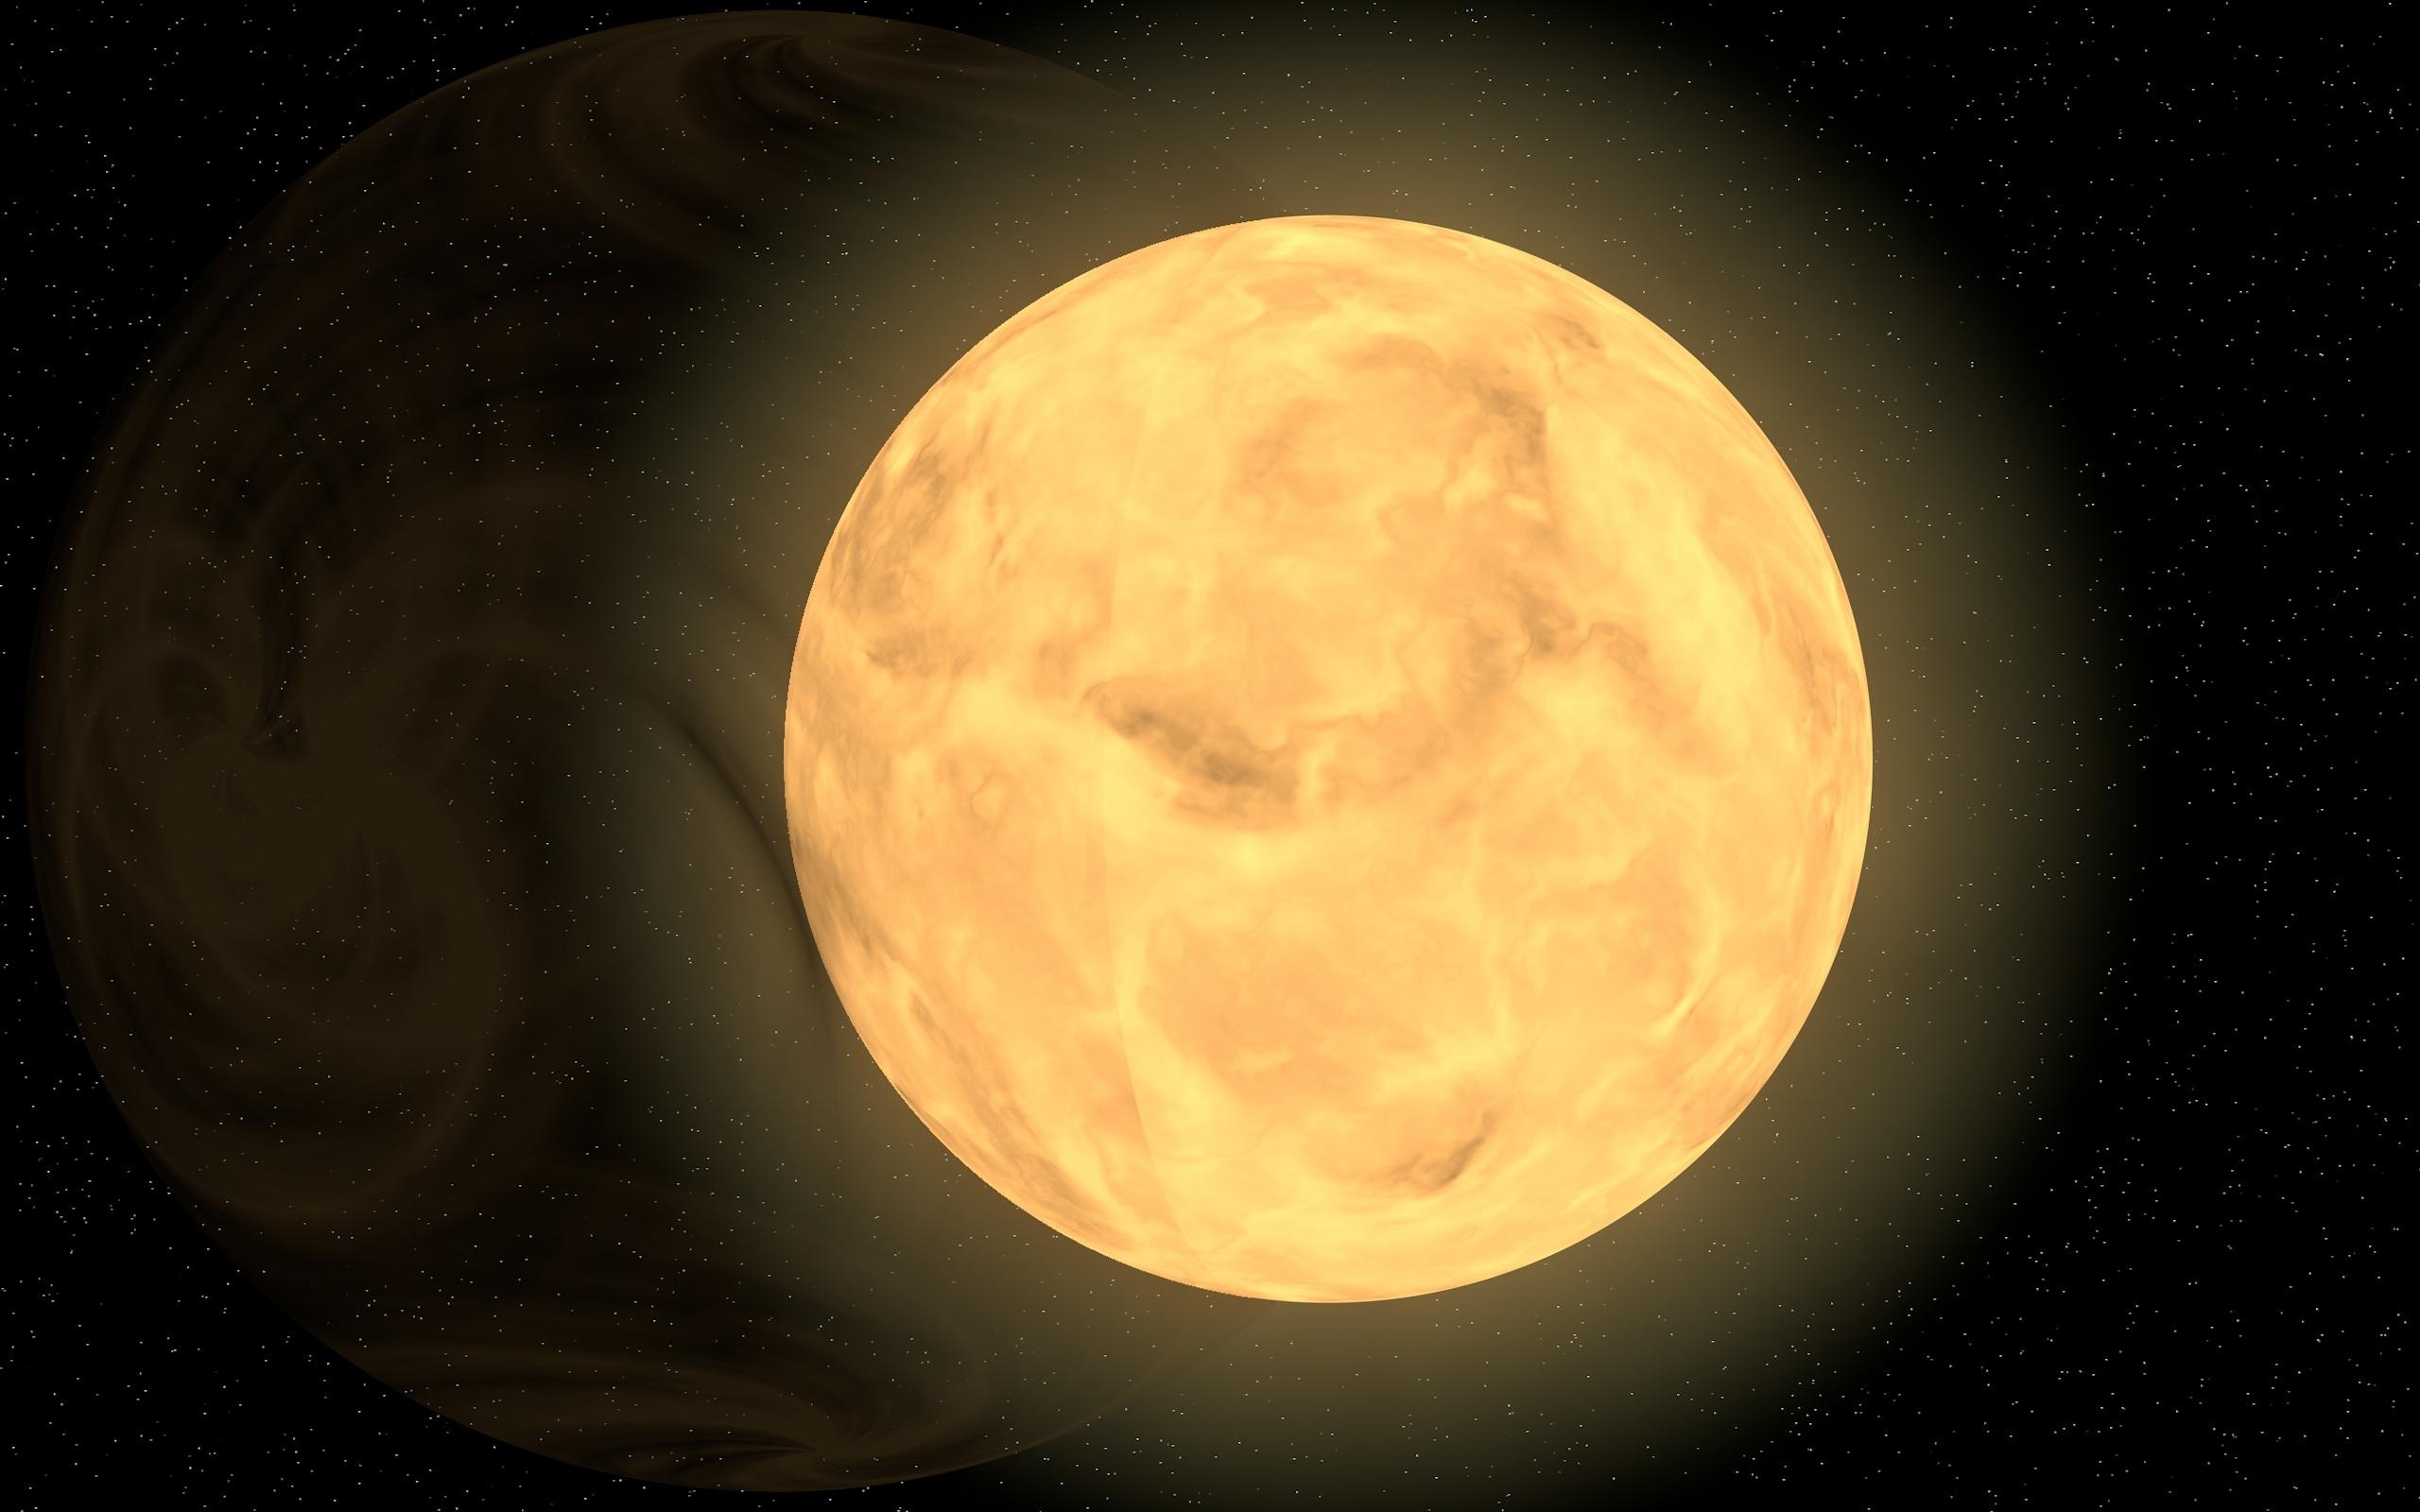 Gambar Cahaya Langit Malam Suasana Ruang Penerangan Bulan